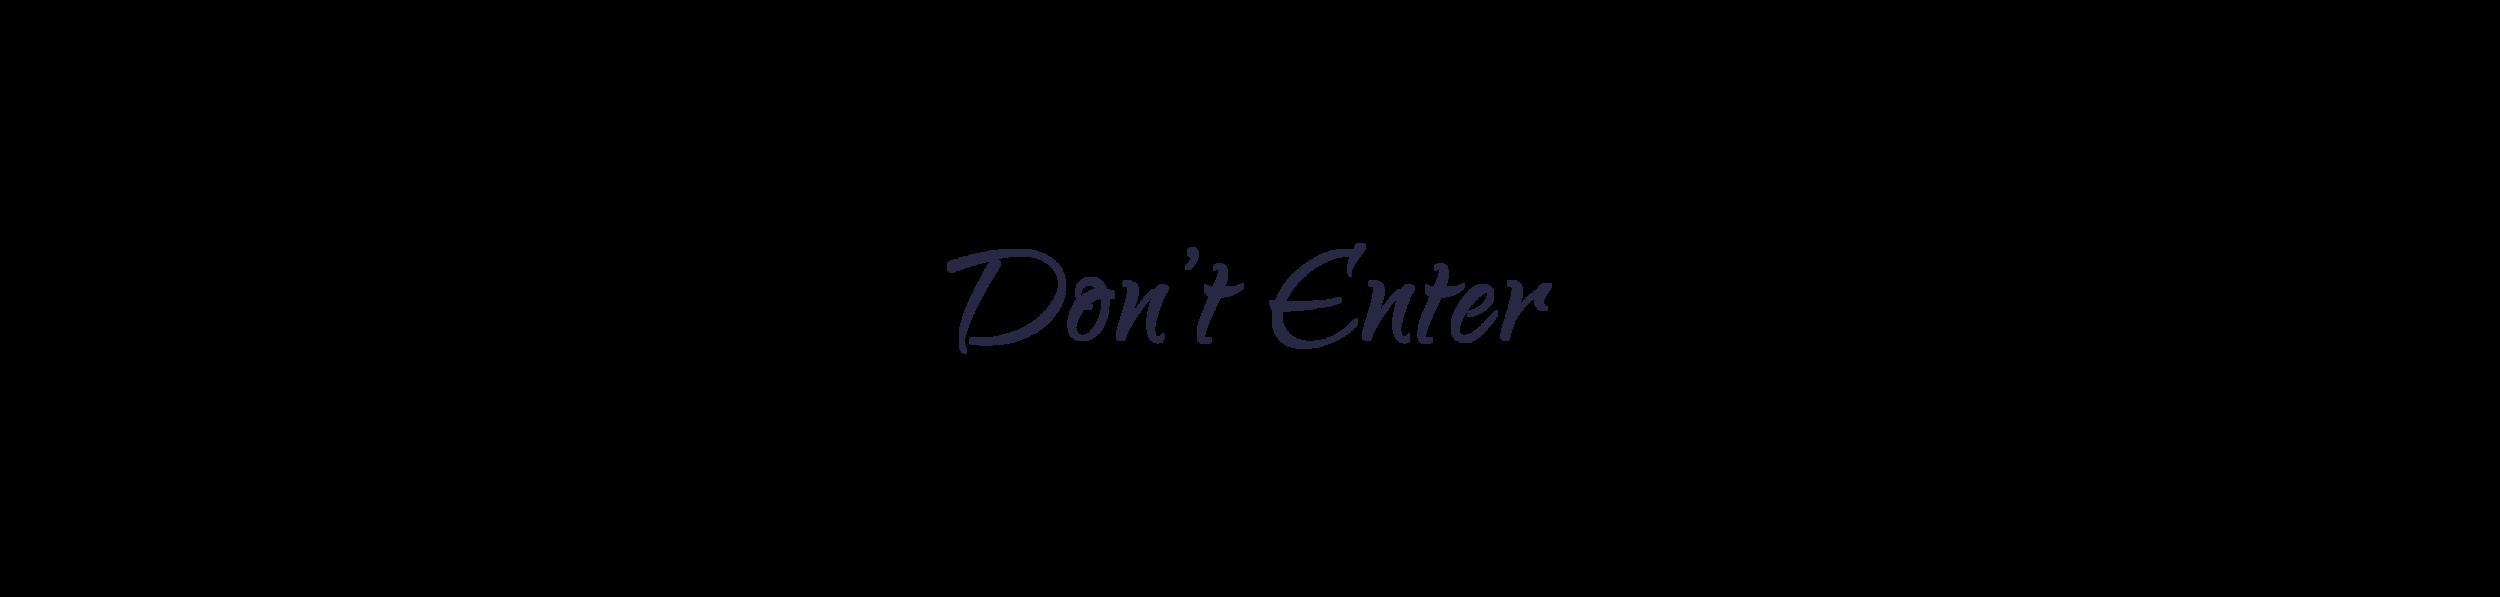 odnt enter-01.png